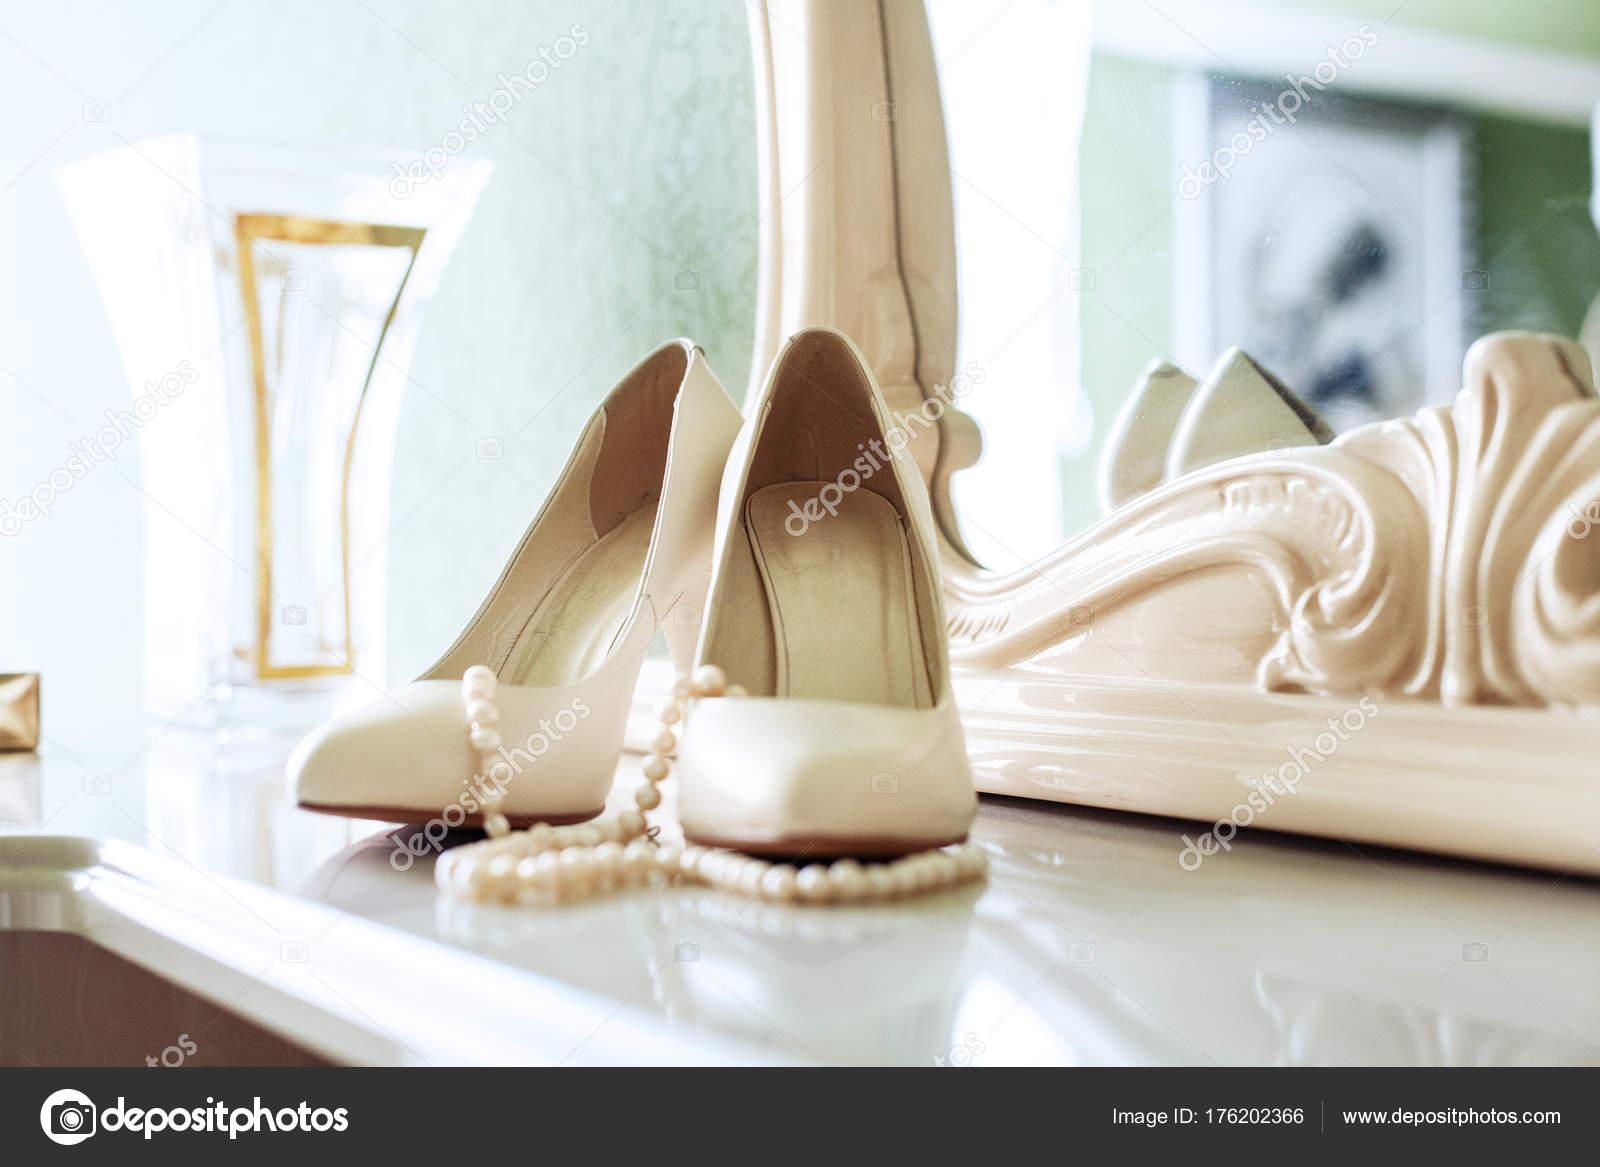 96e4539485b Γυναικεία παπούτσια στο τακούνι. Η έννοια του γάμου και γιορτή– εικόνα  αρχείου